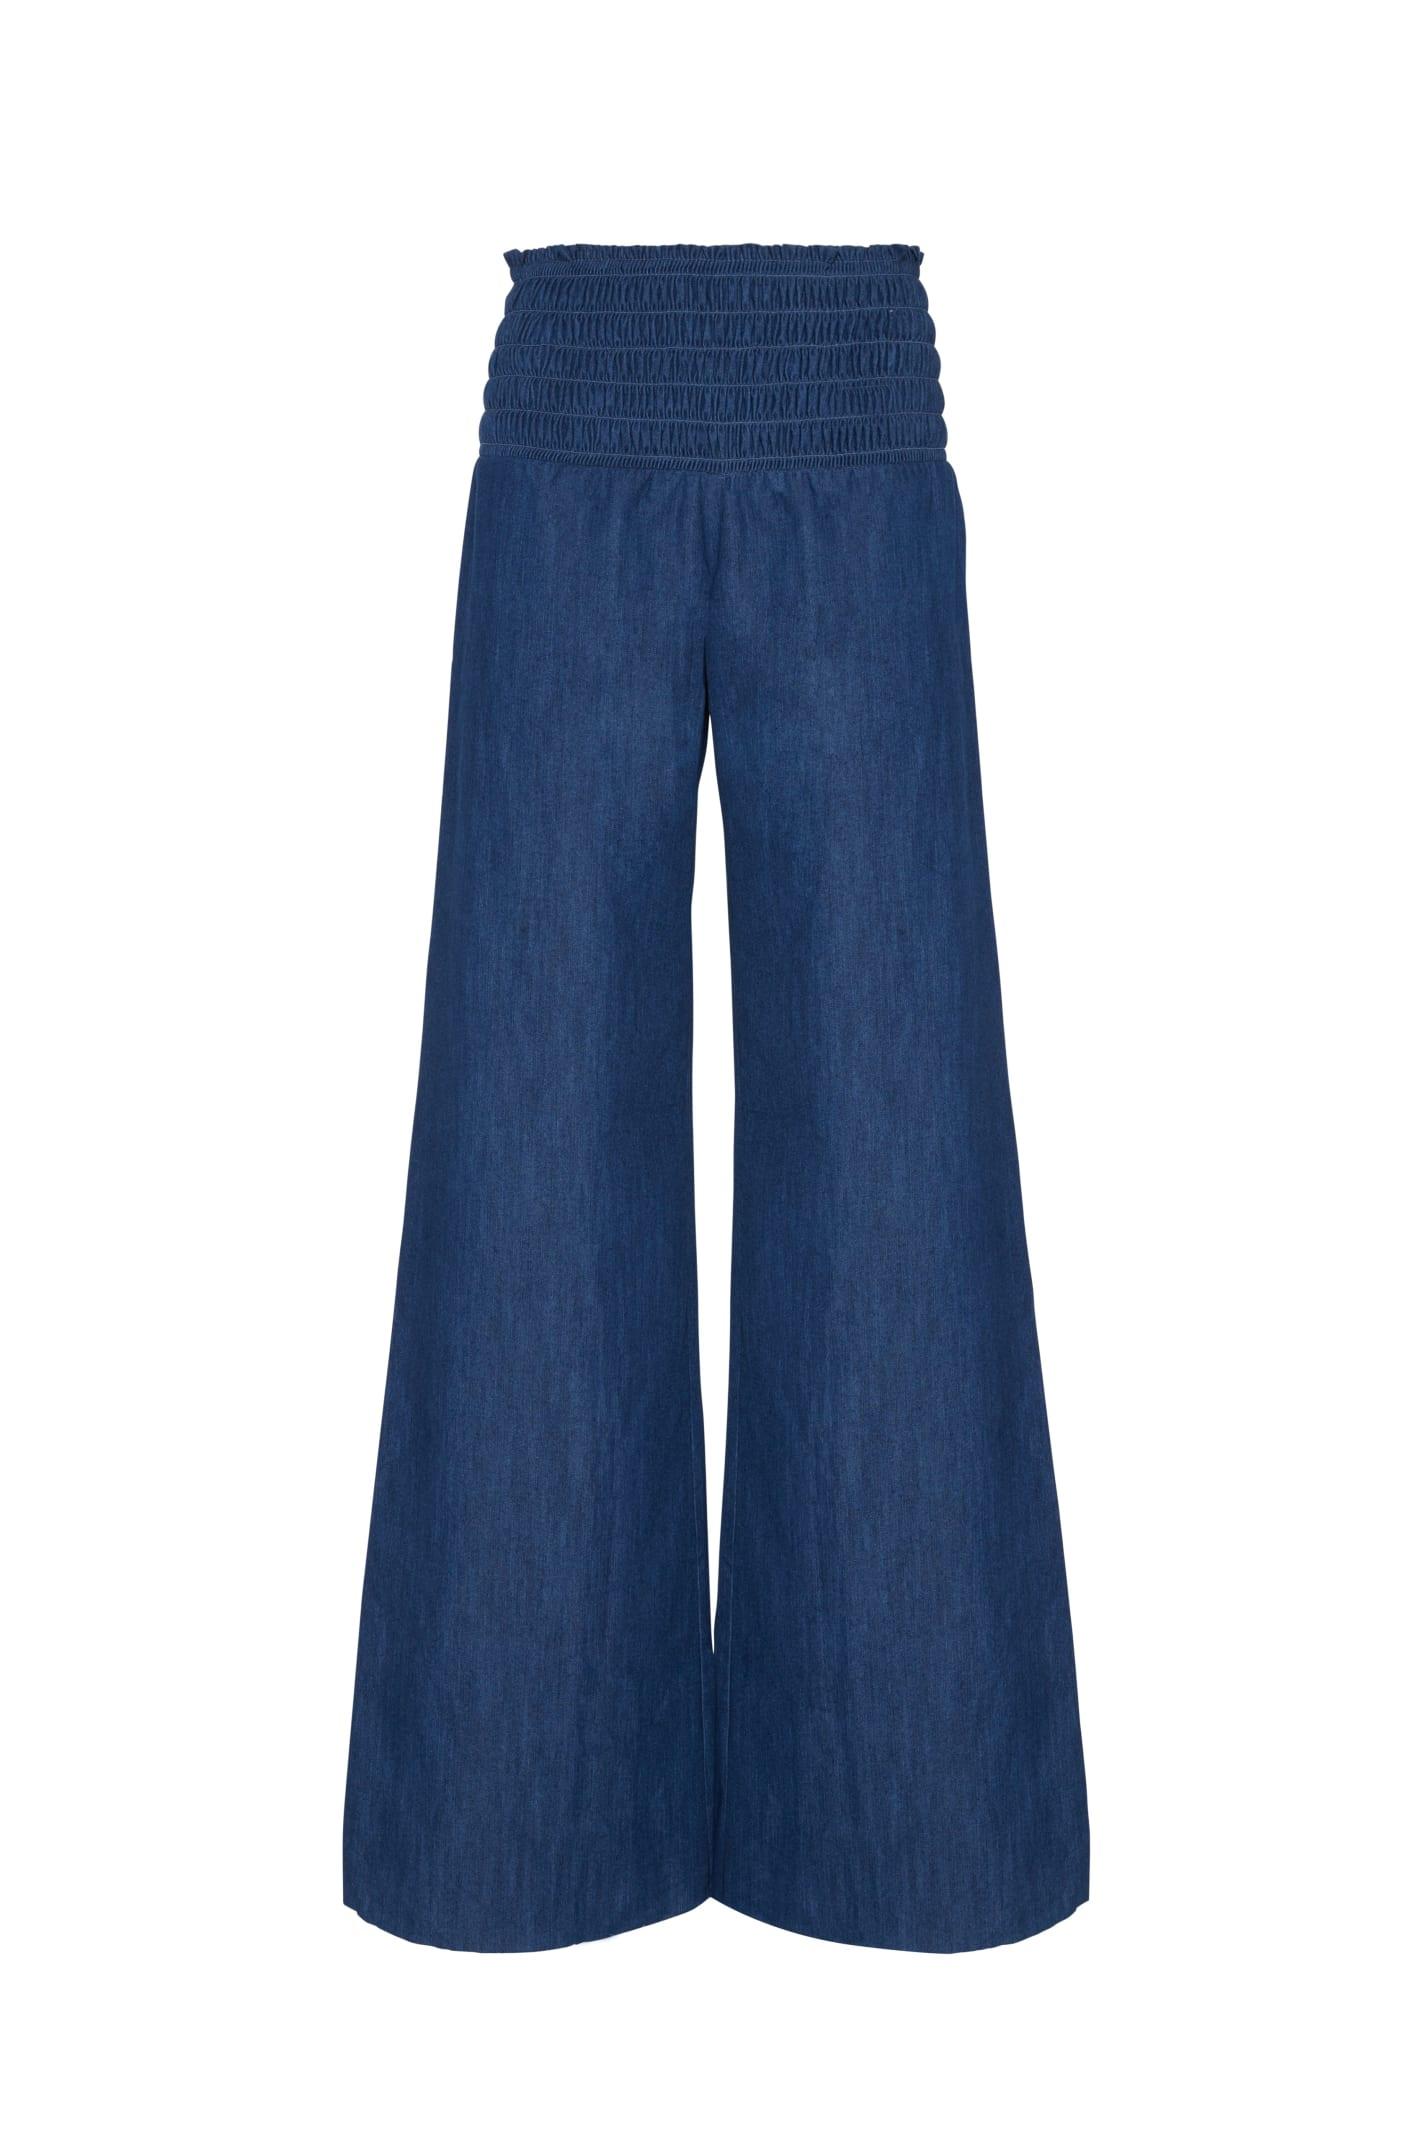 Guenda Trousers In Denim